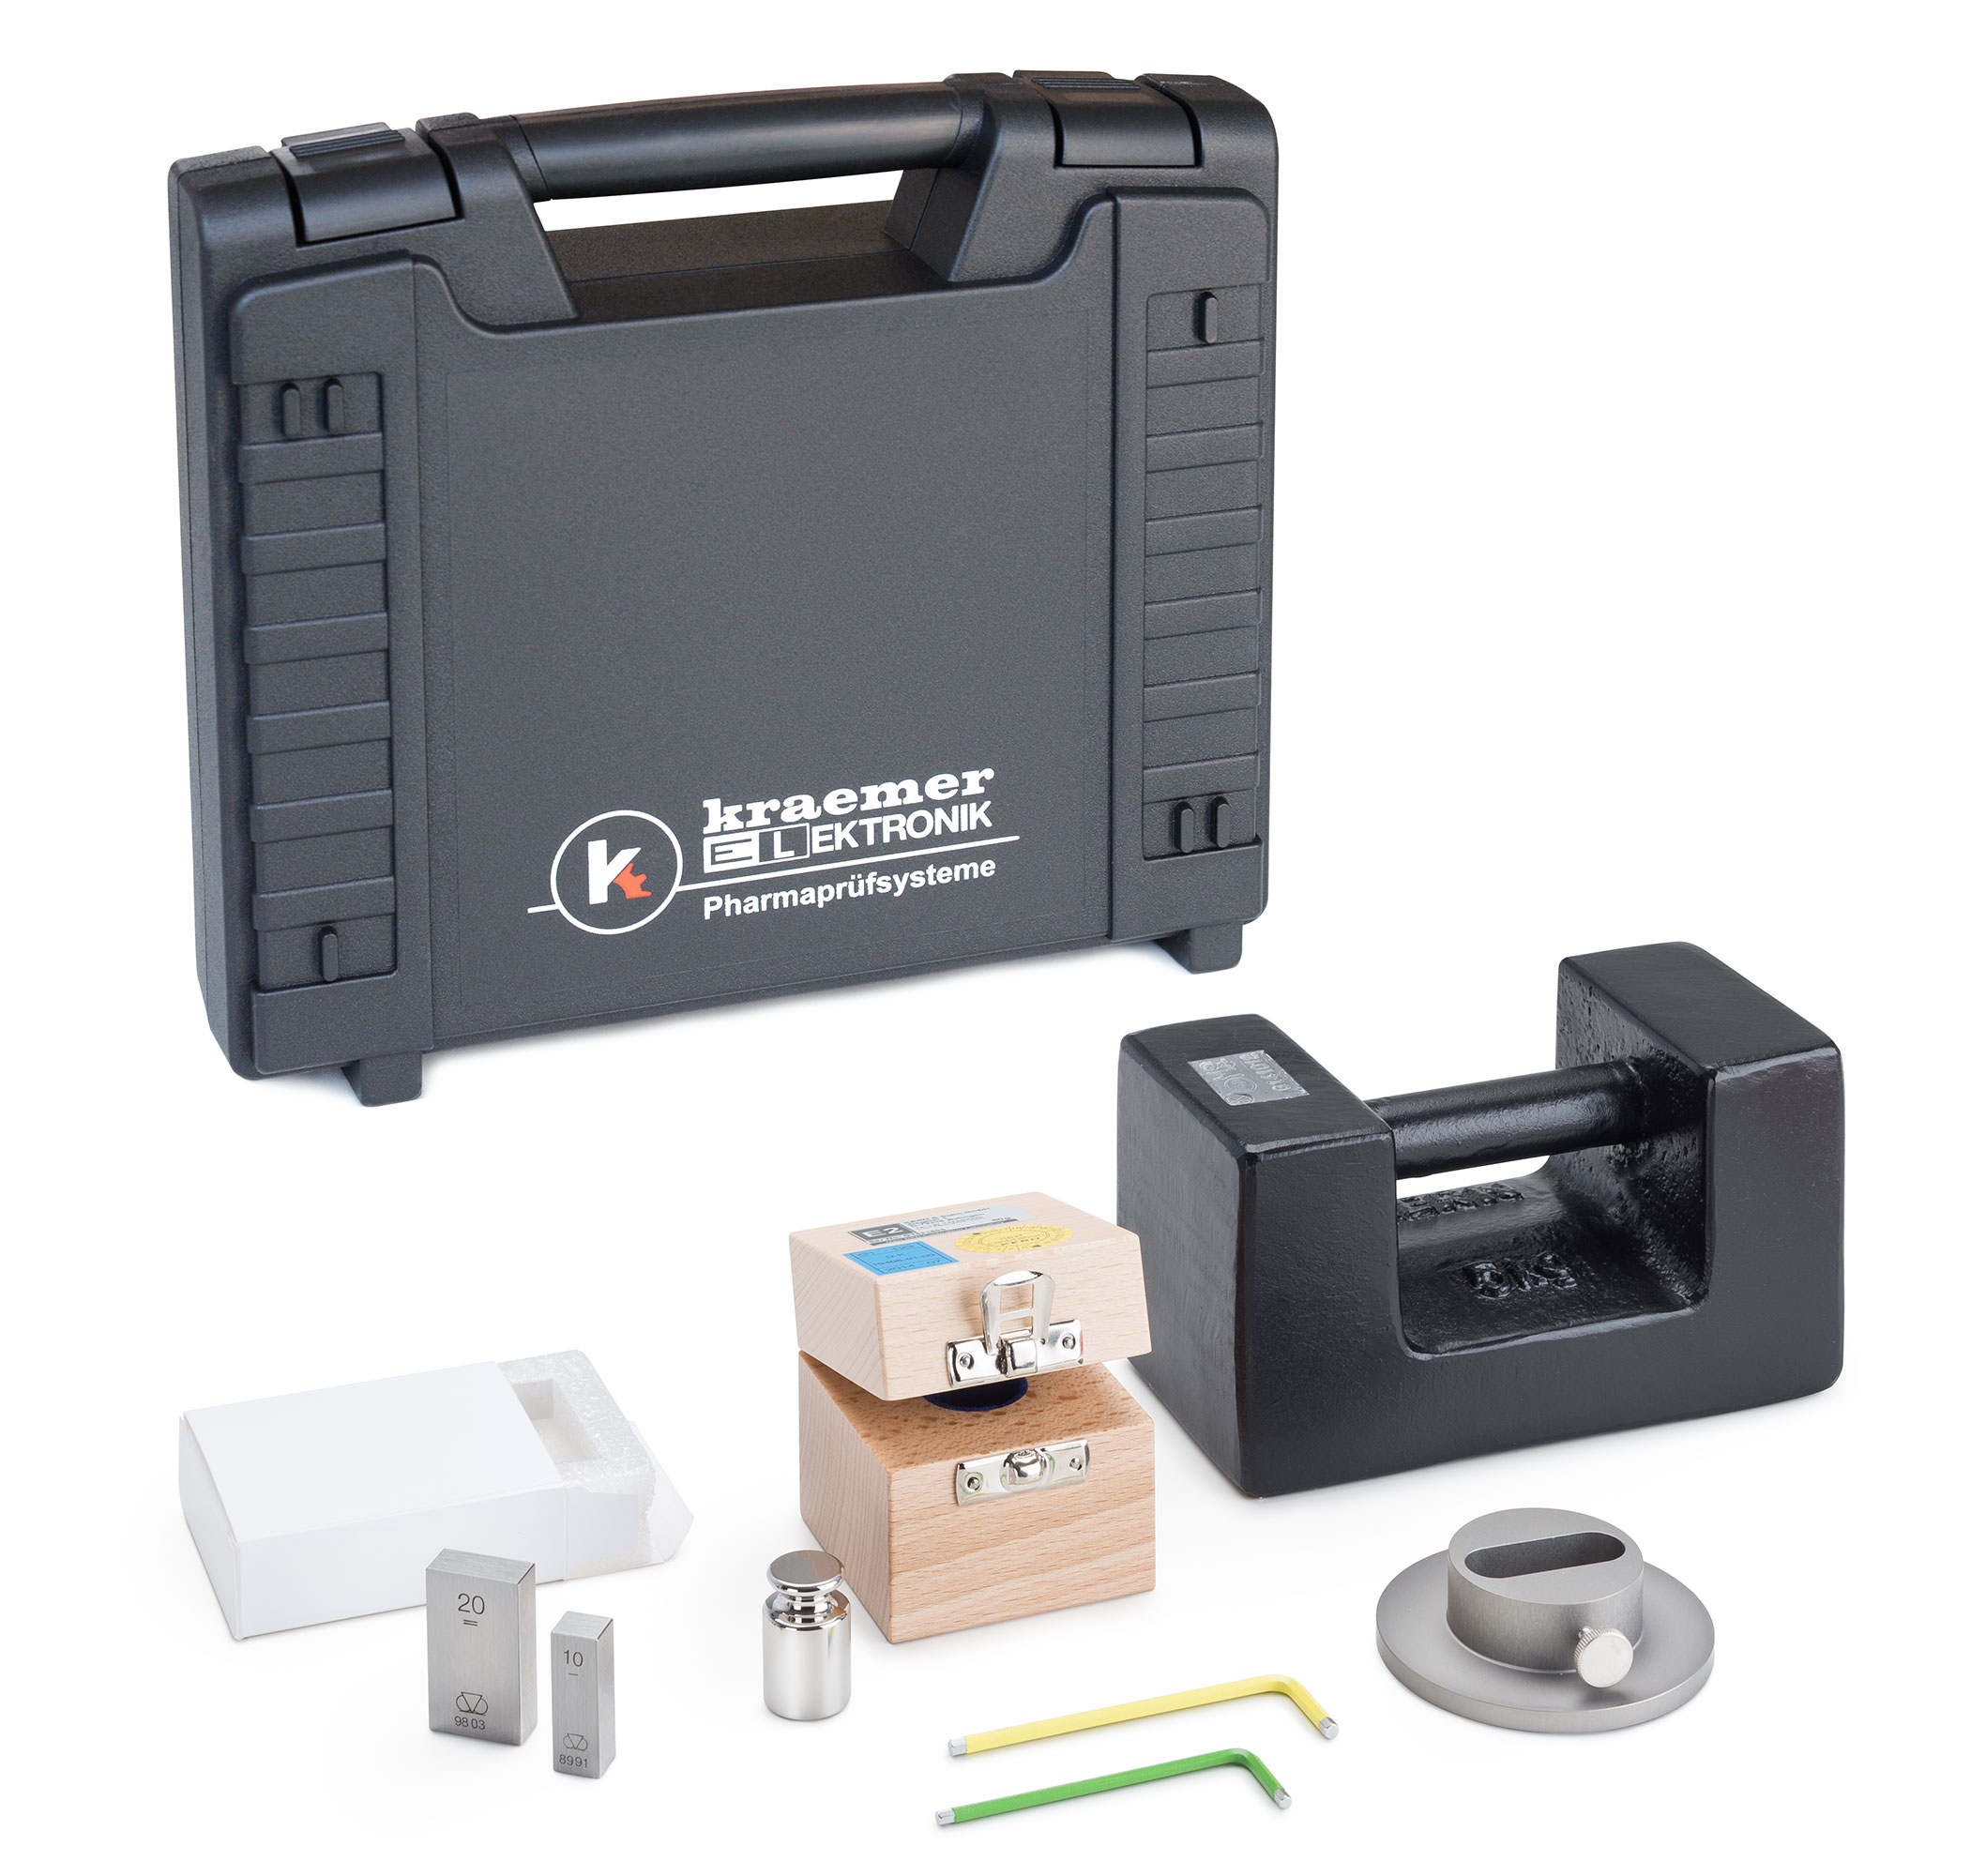 Kalibrierkoffer und Zubehör, Kraemer Elektronik GmbH